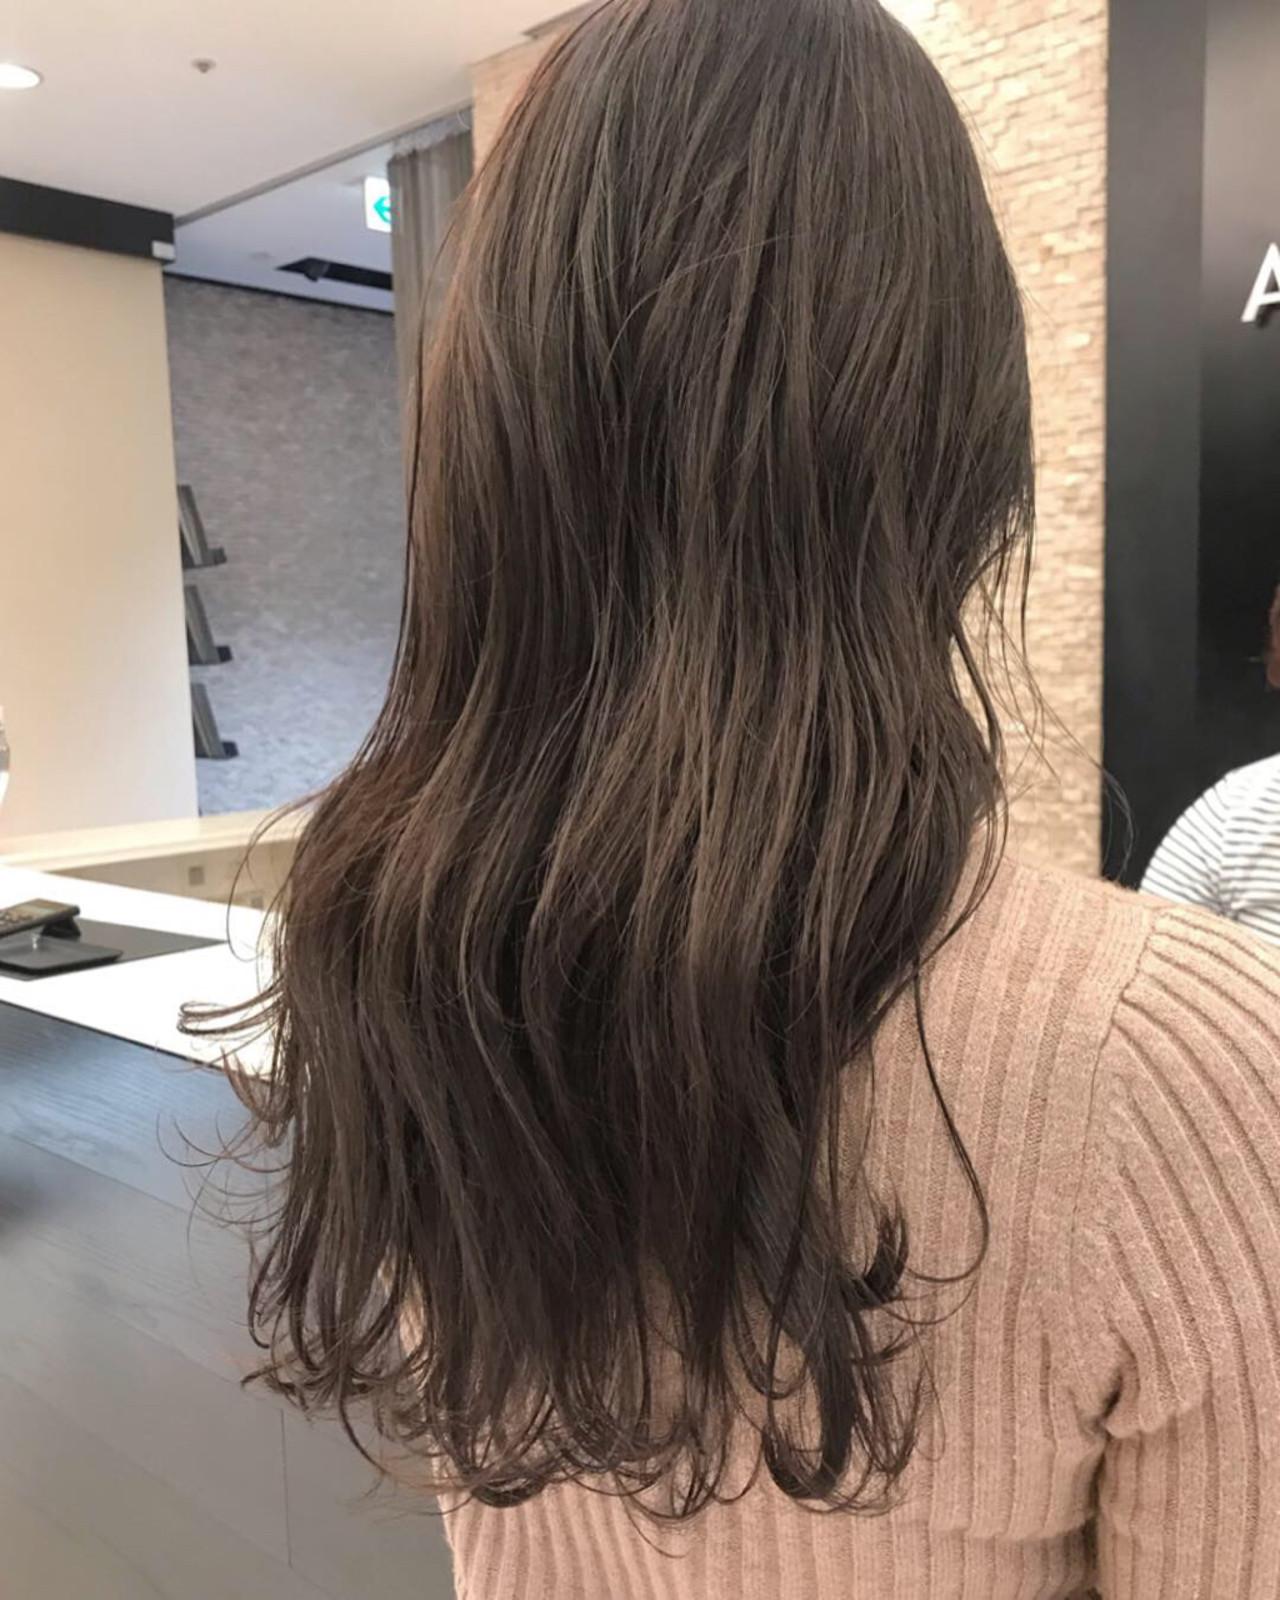 ゆるふわ 秋 透明感 ナチュラル ヘアスタイルや髪型の写真・画像 | wada / tripletta